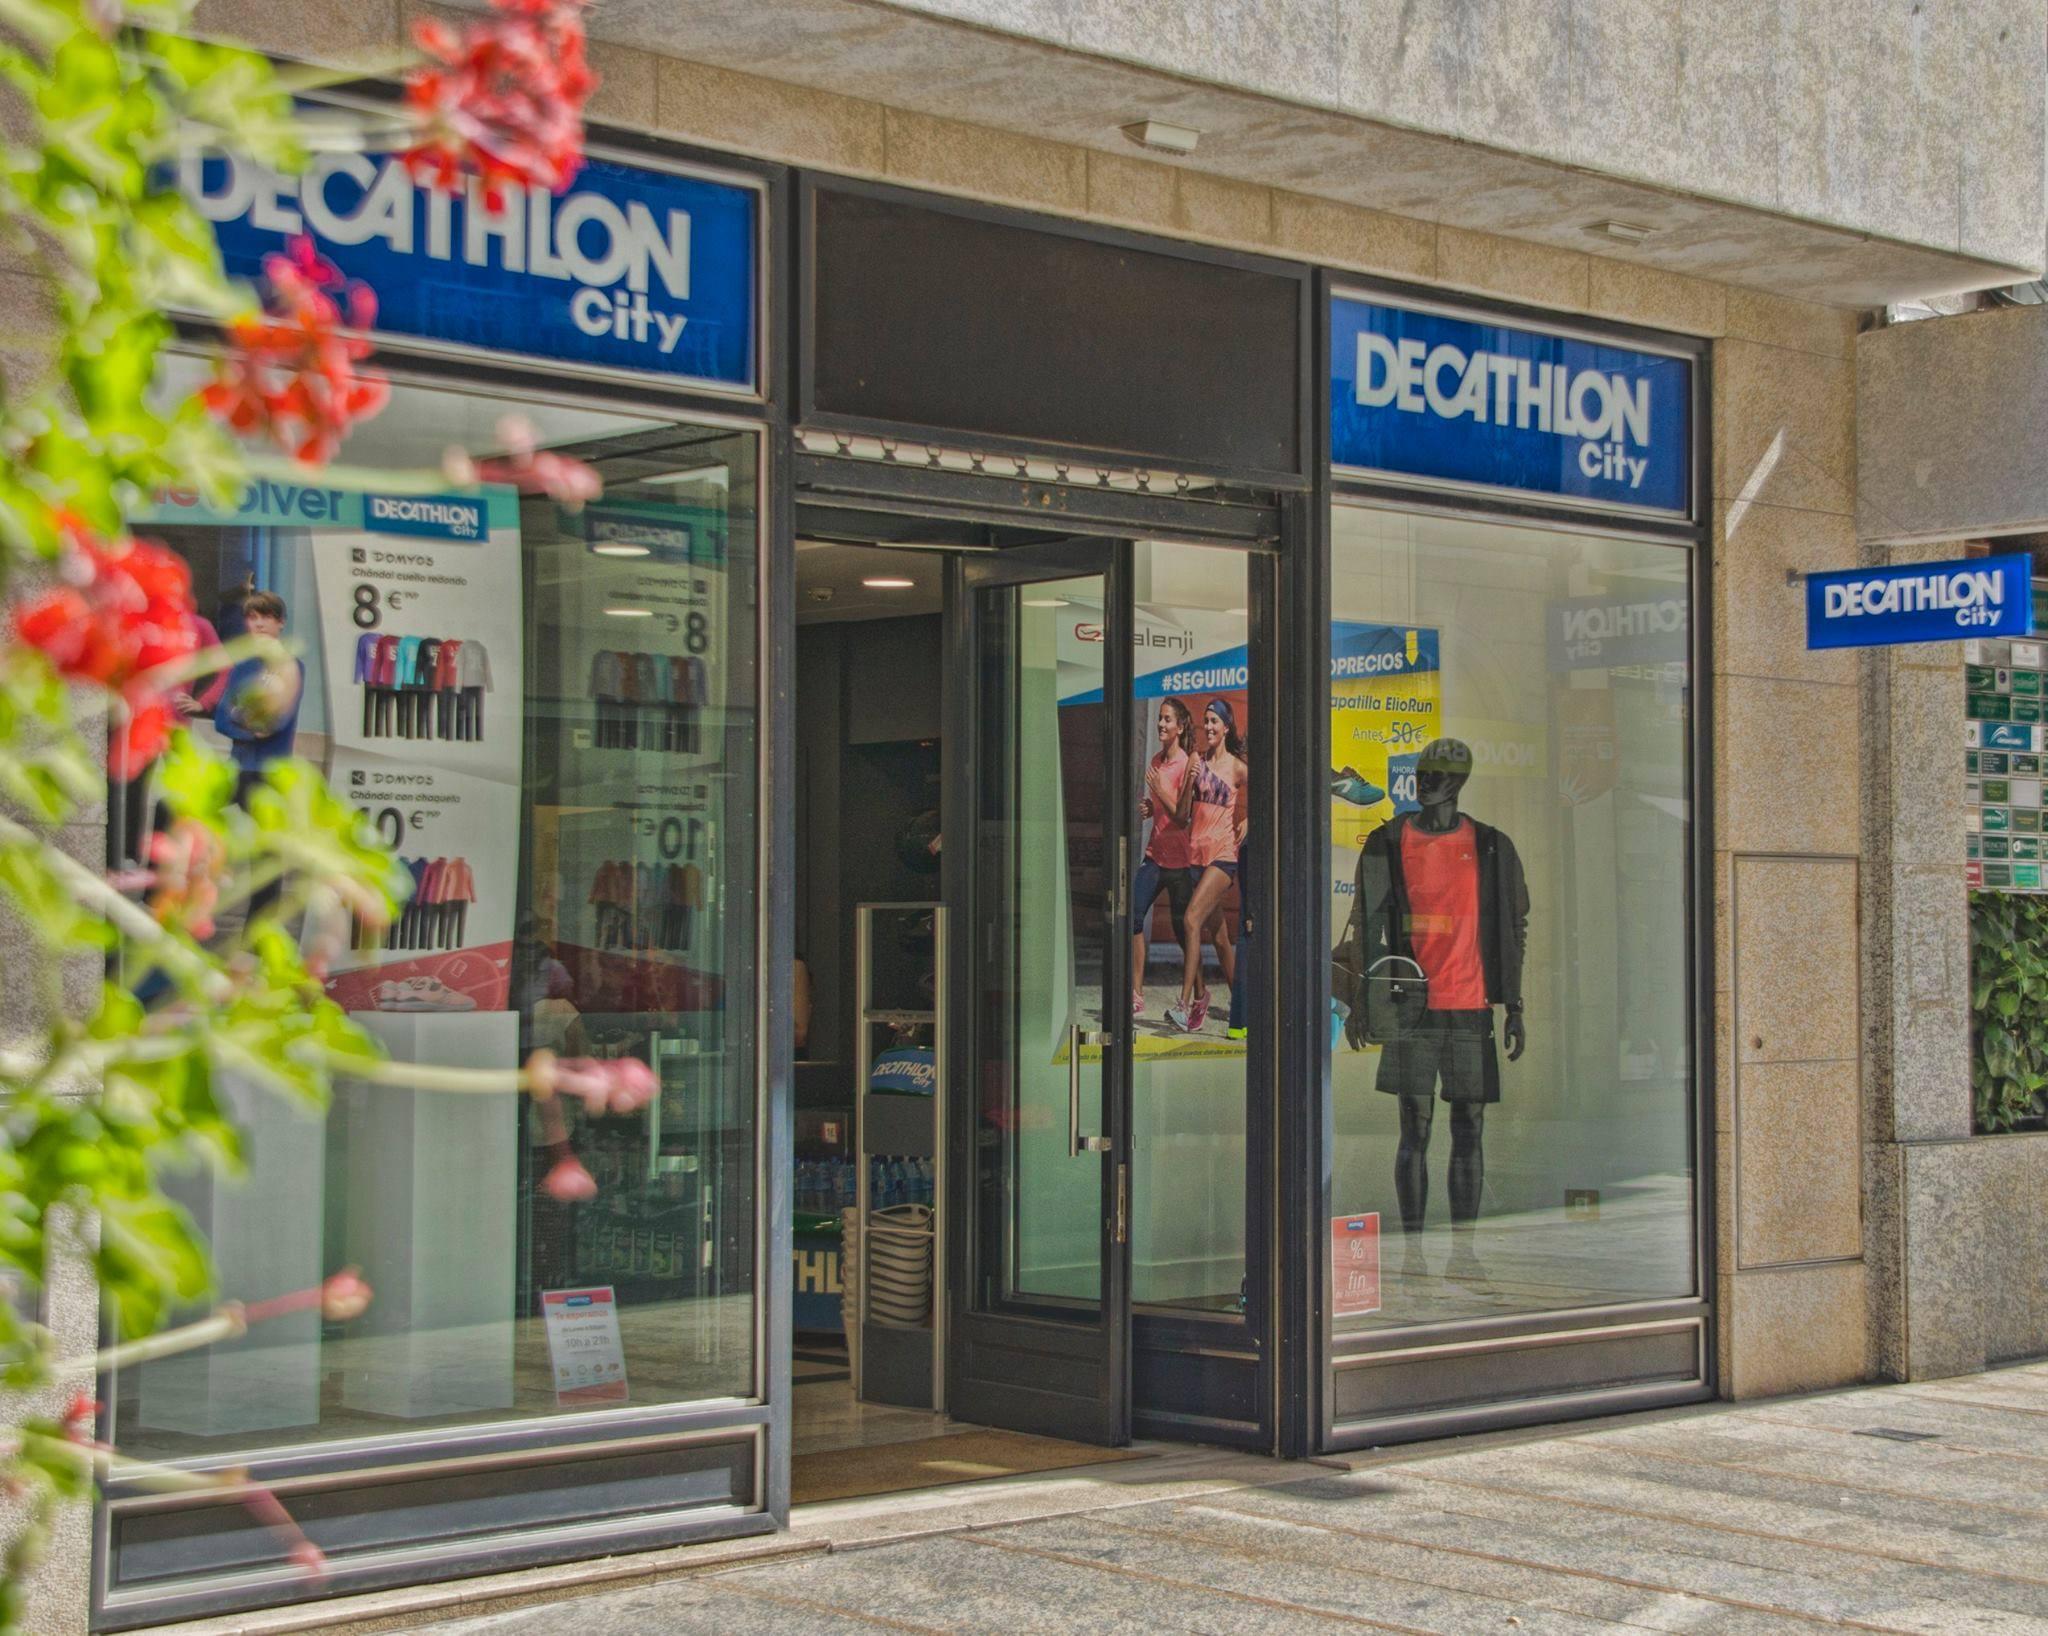 c81f4f685b4 Decathlon fortalece su apuesta por las tiendas 'City' en España ...